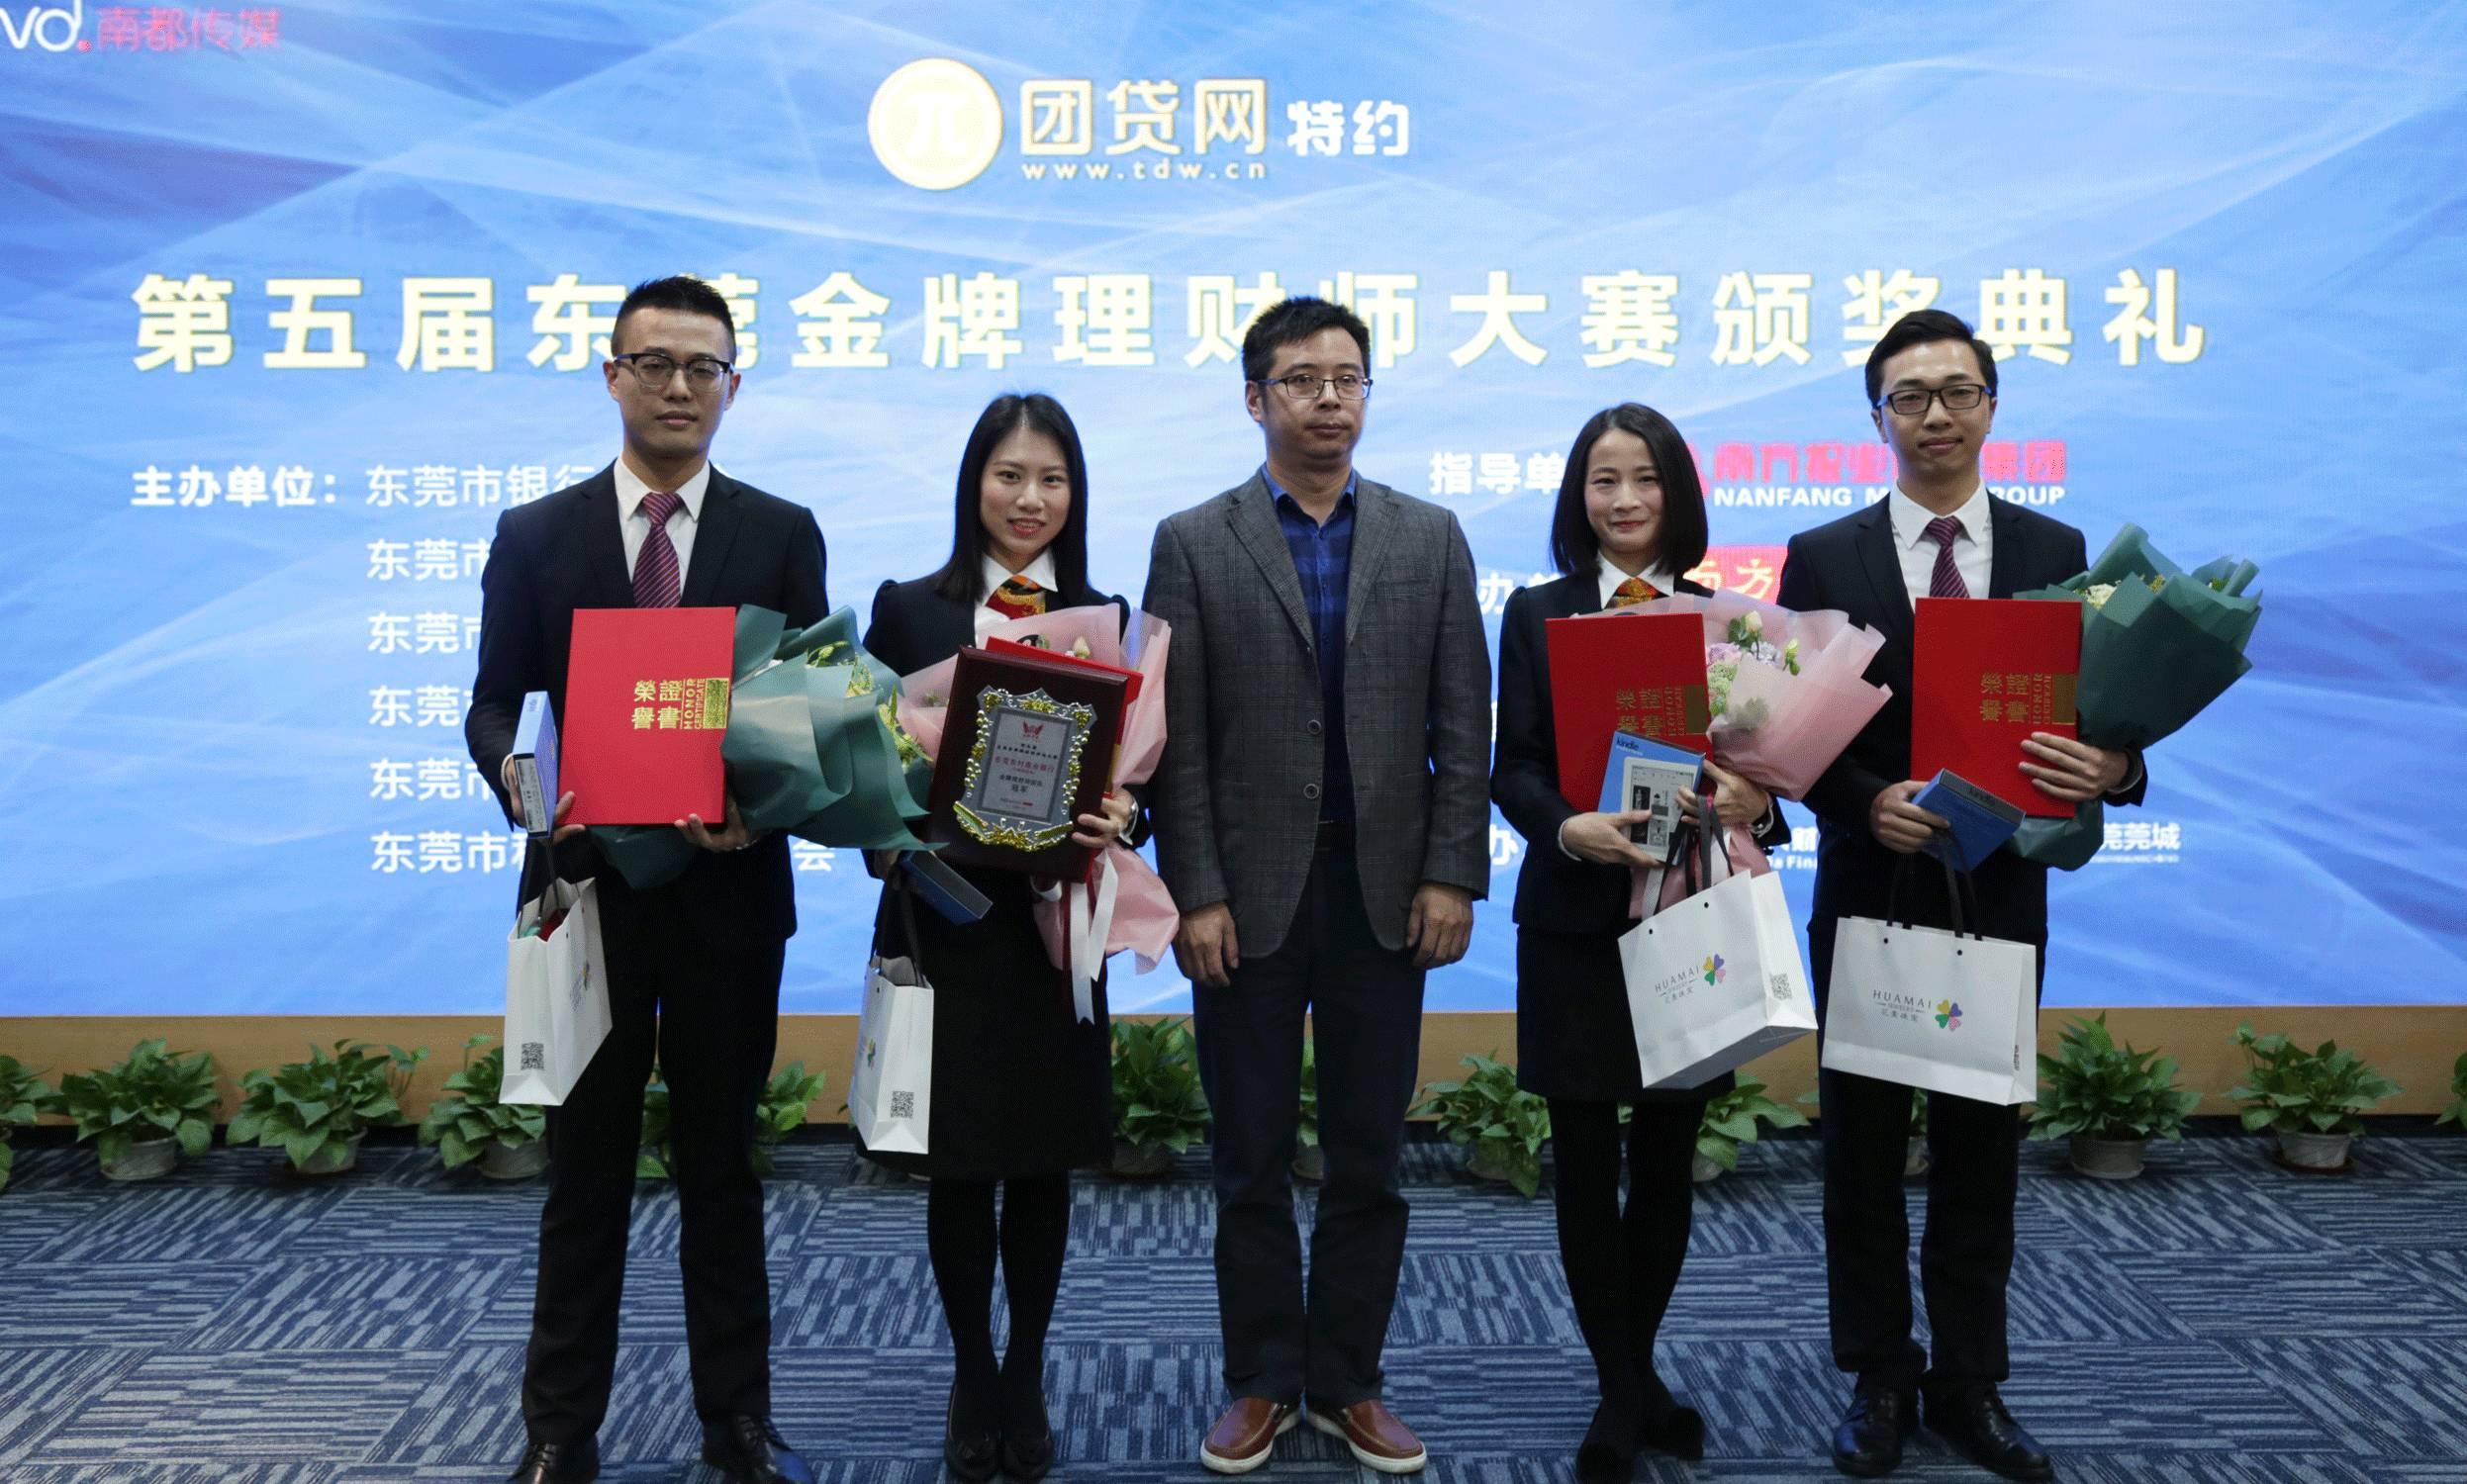 团贷网特约第5届东莞金牌理财师大赛颁奖典礼圆满举行